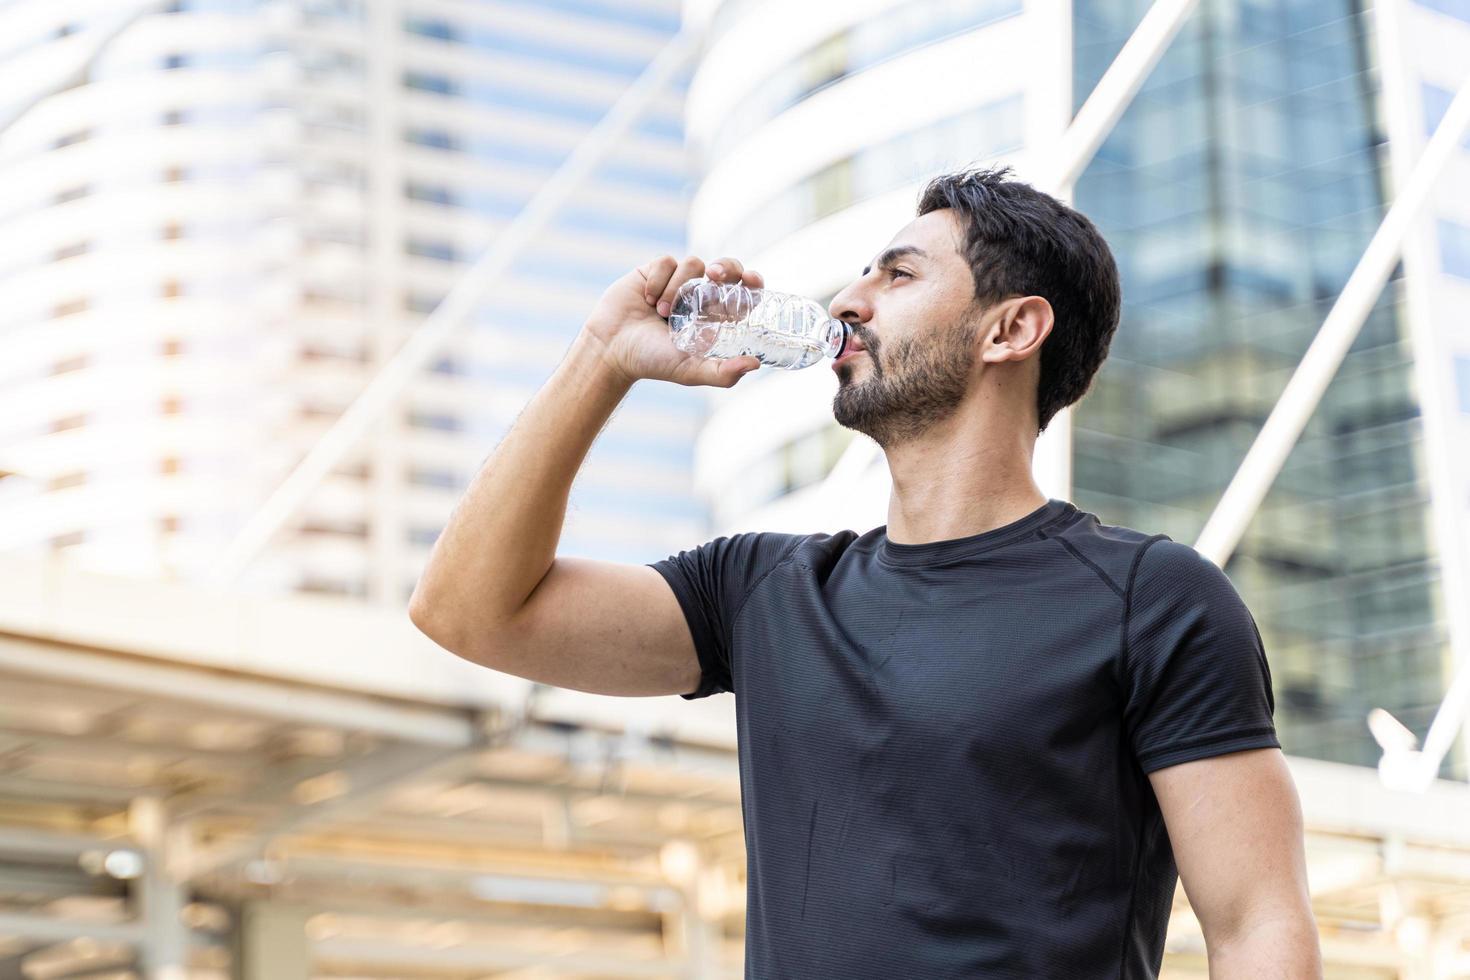 homme buvant de l'eau en bouteille photo